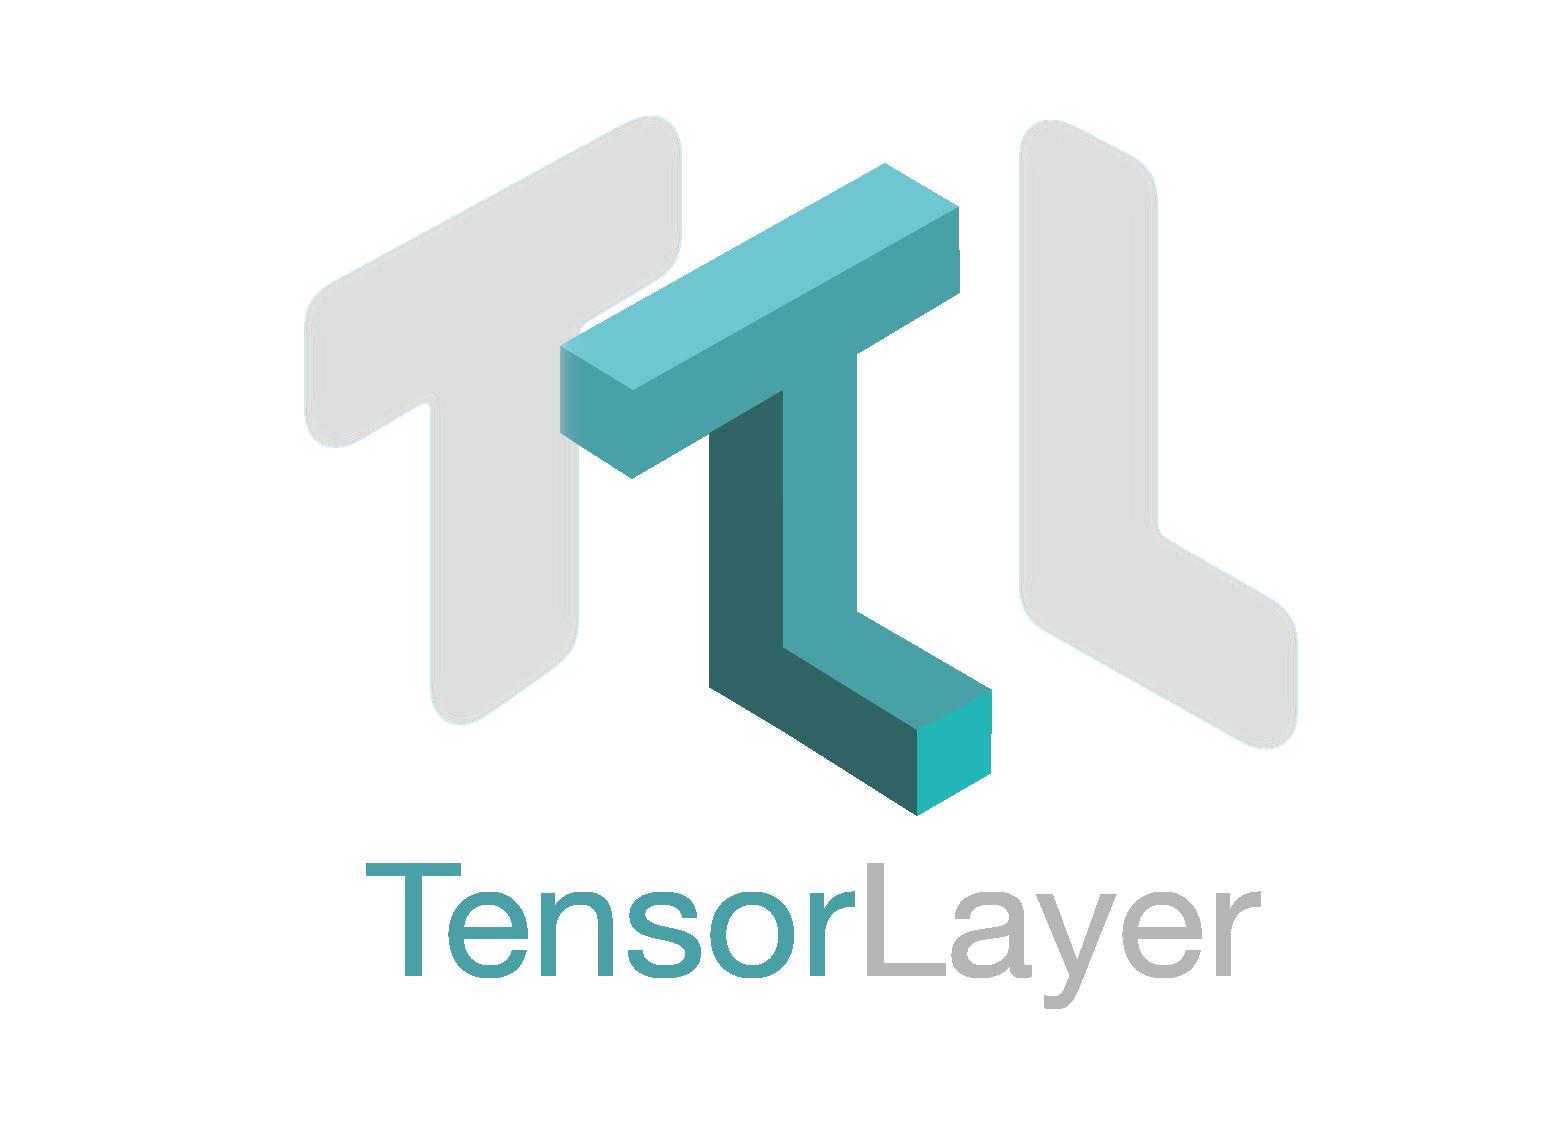 tensorlayer · PyPI